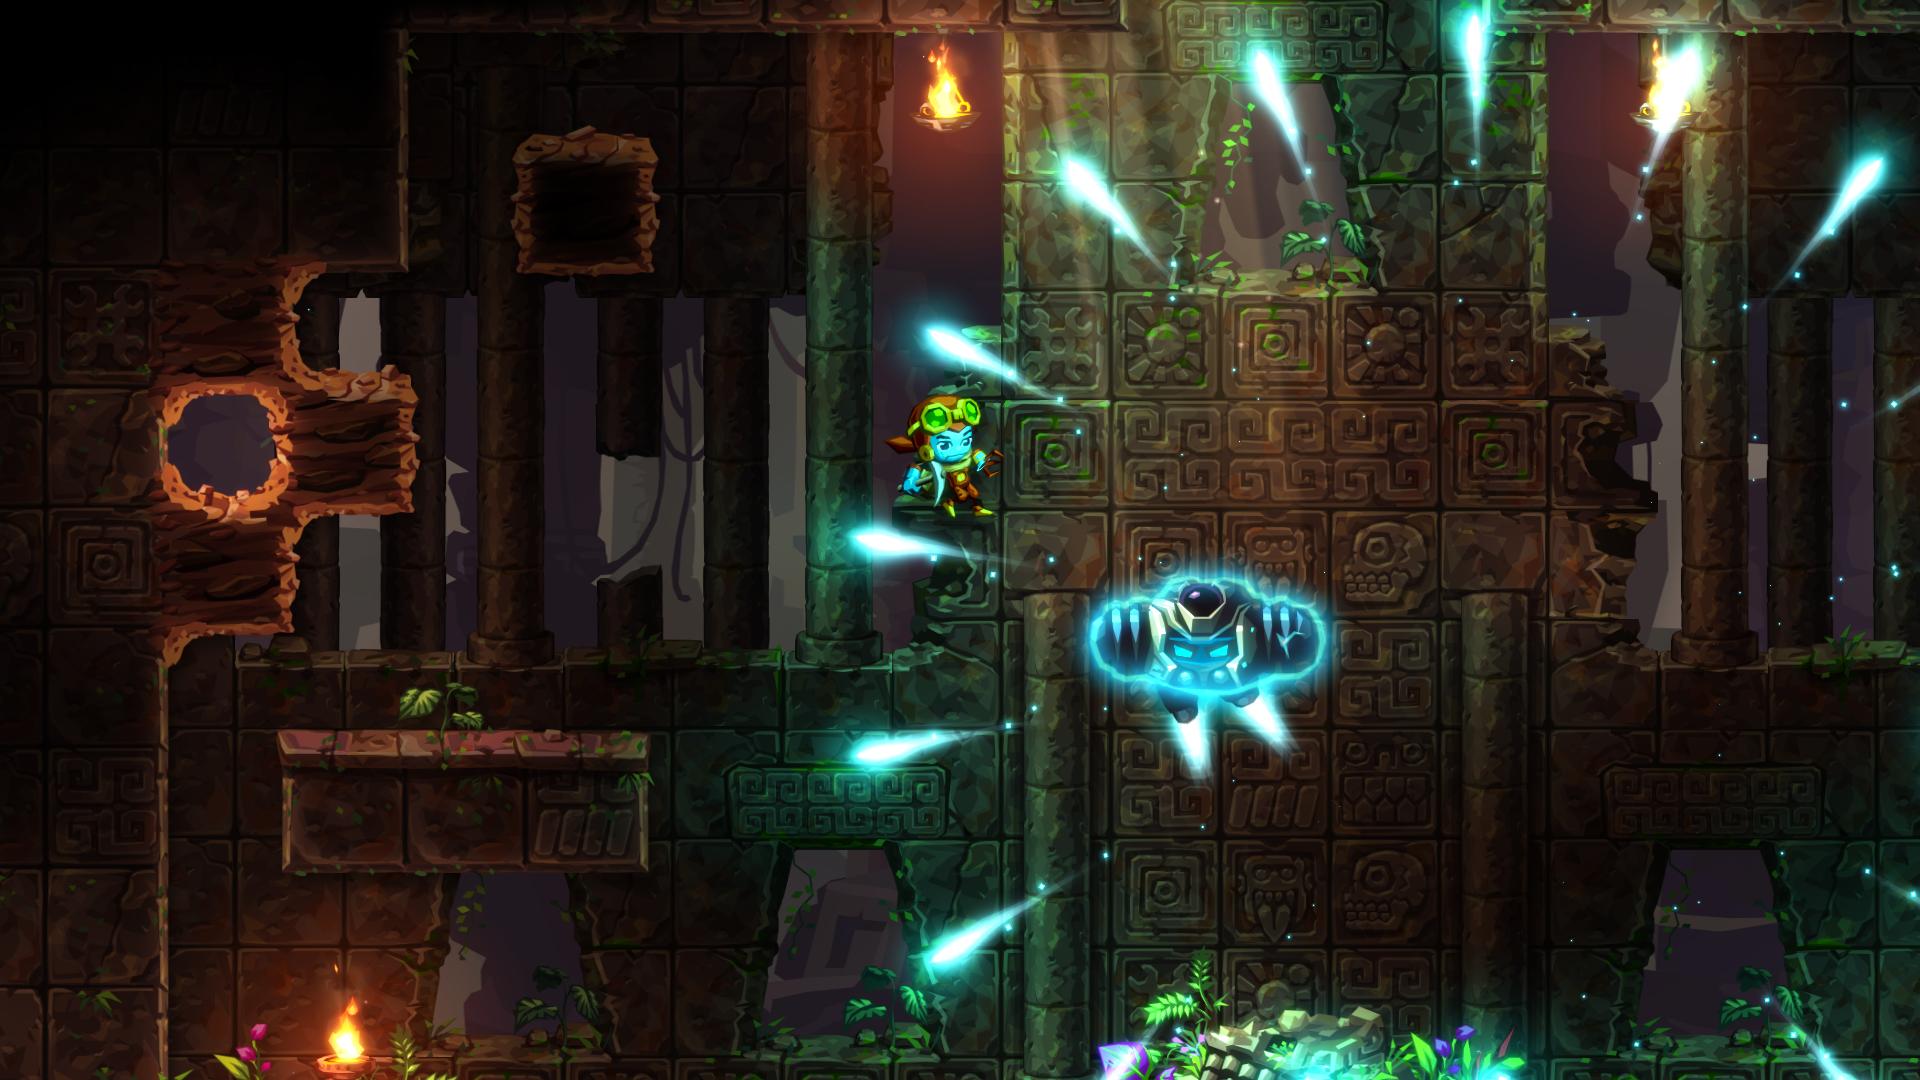 SteamWorld-Dig-2-Screenshot-7